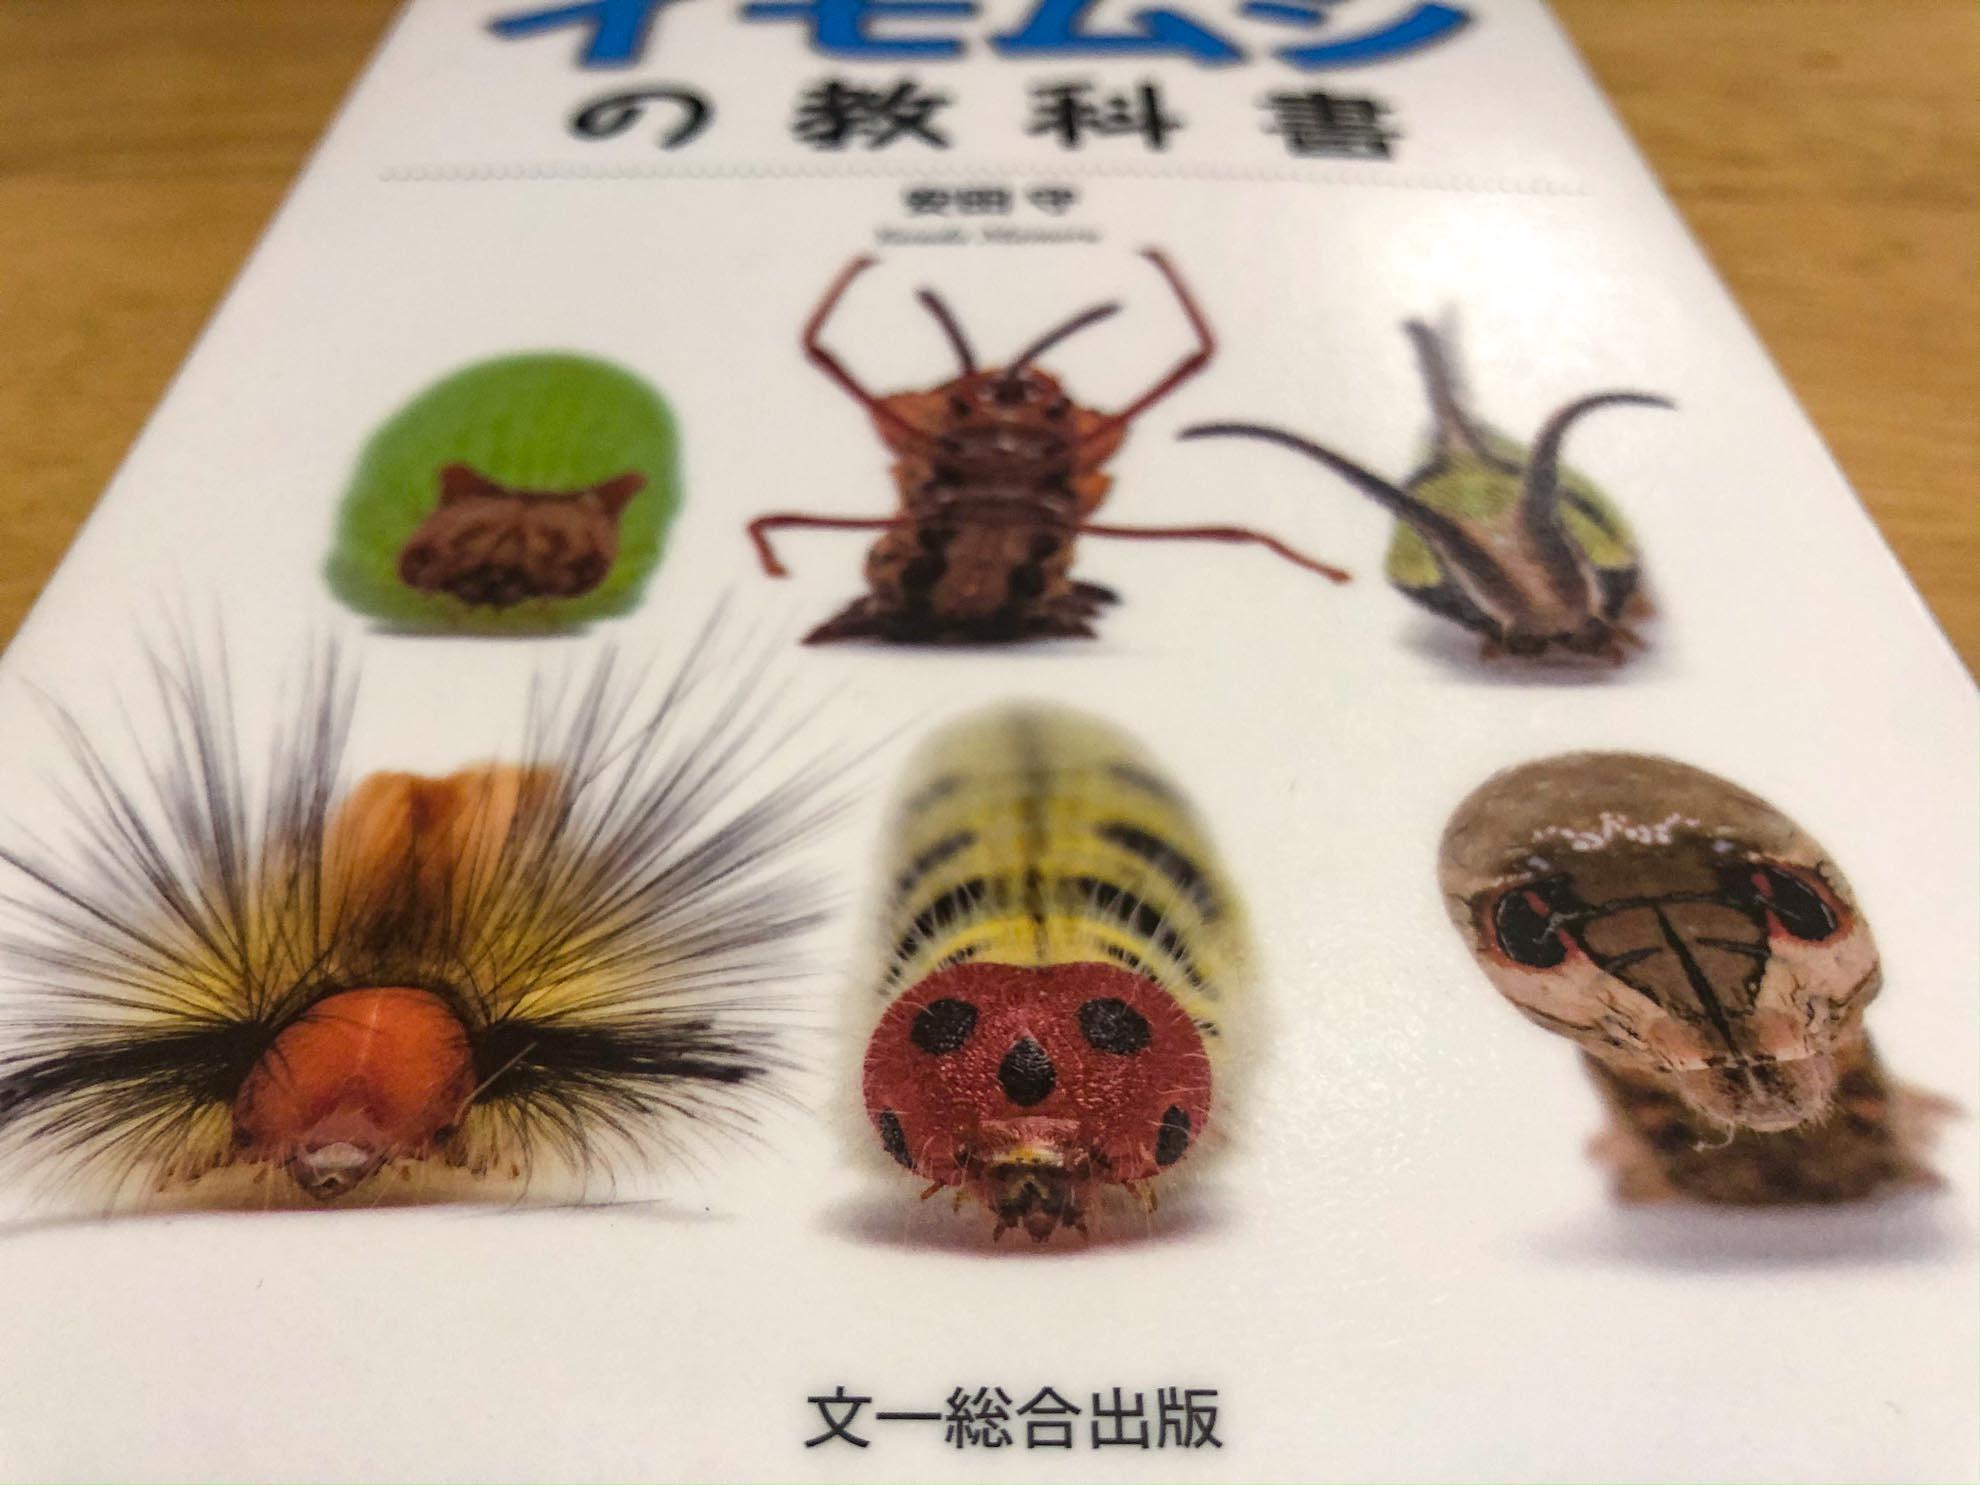 まとめ 『イモムシの教科書』が人の家の庭にさえ興味を持たせる!